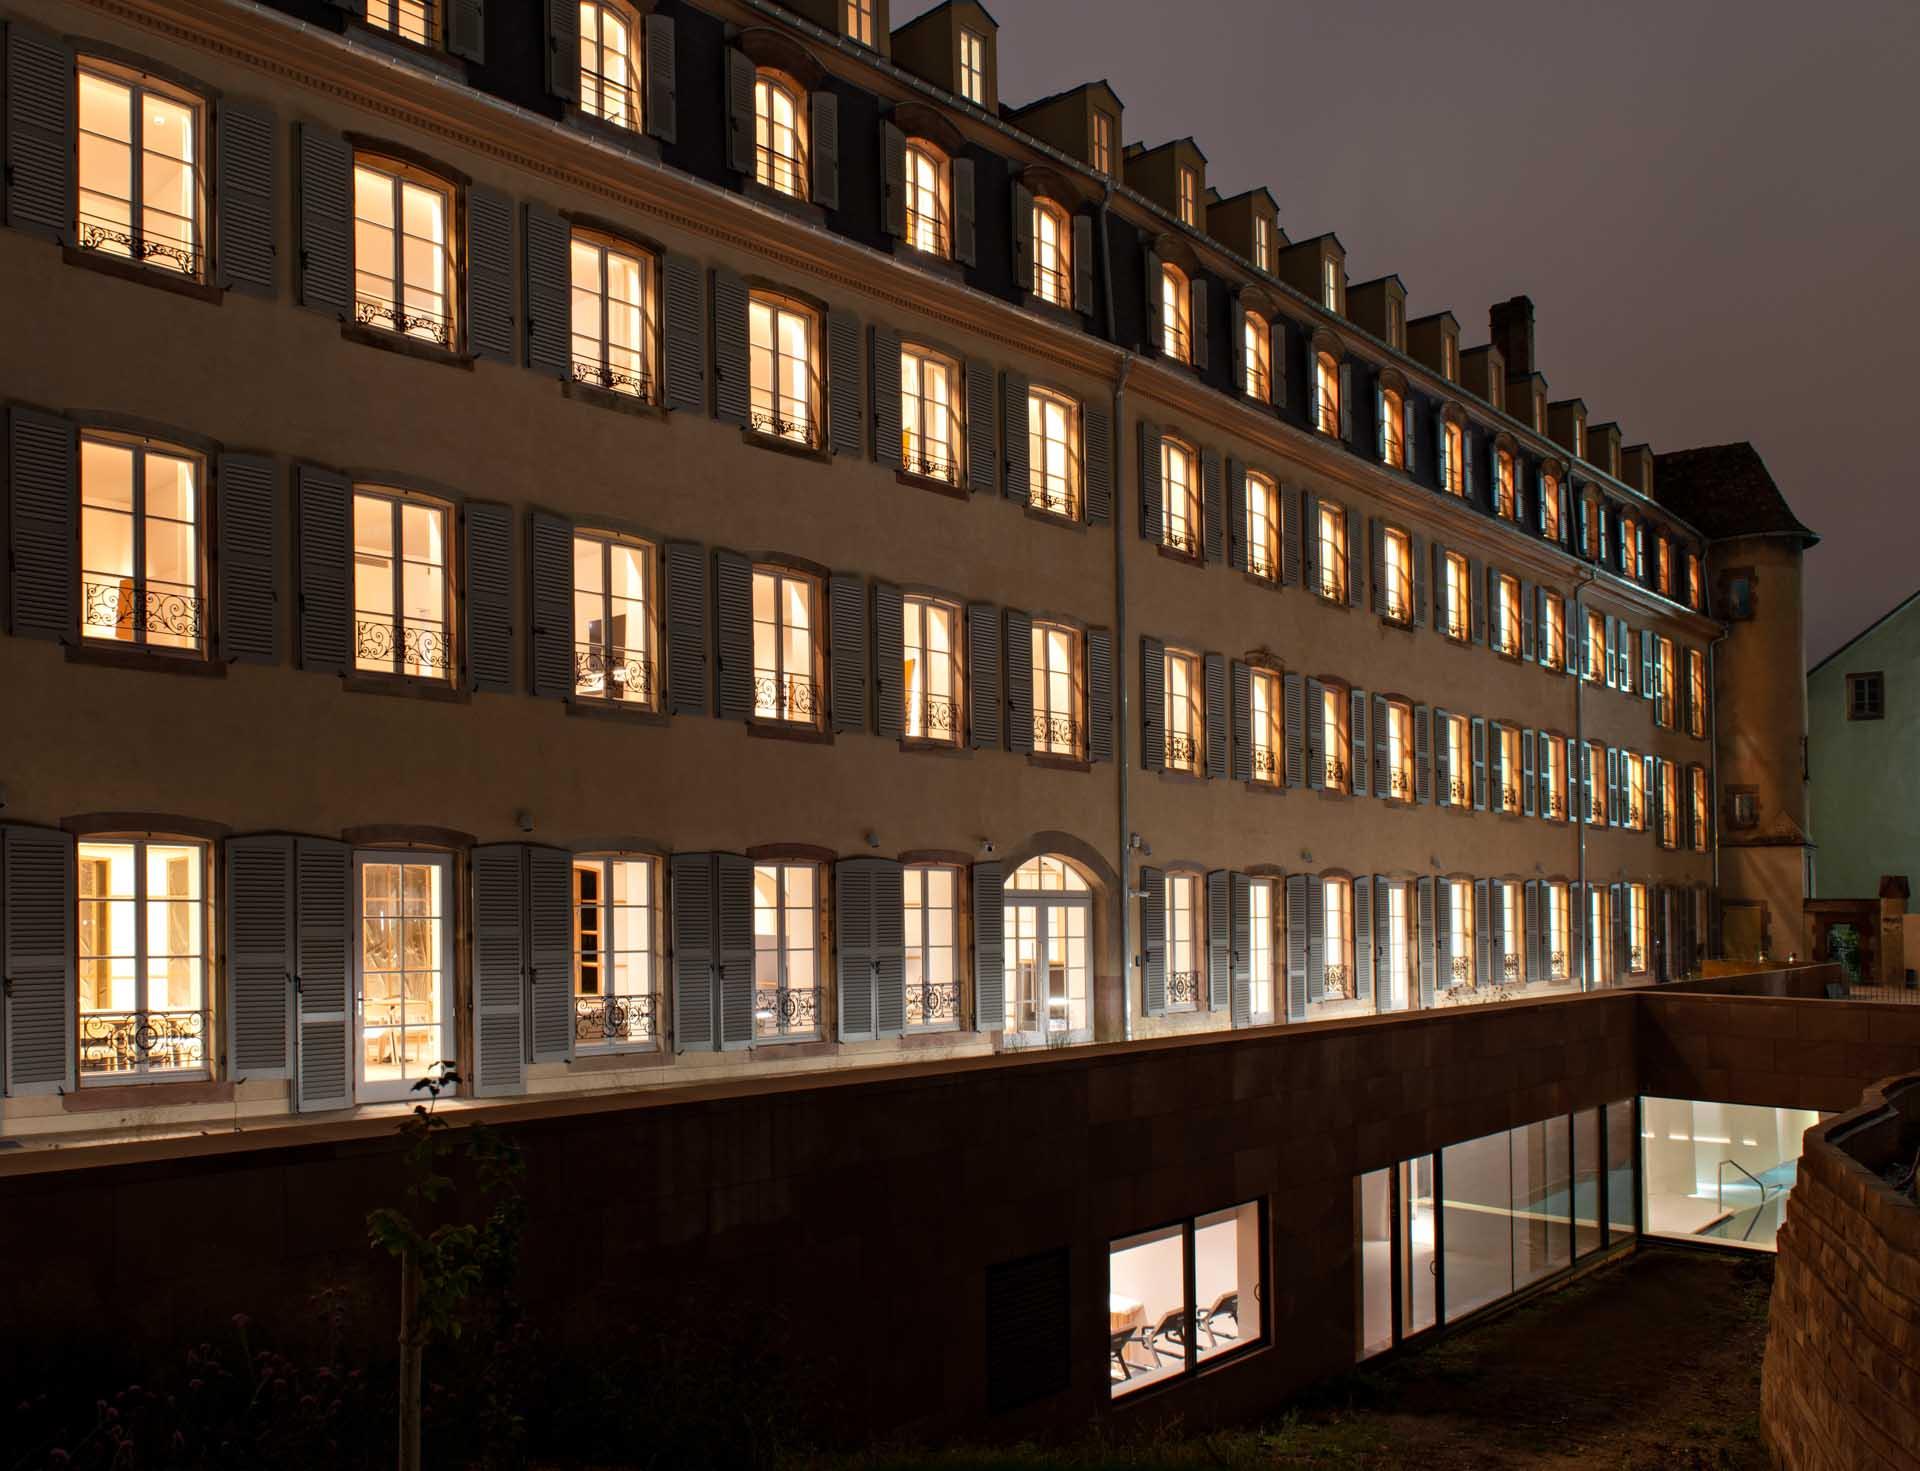 L'hôtel Les Haras à Strasbourg, l'une des adresses de référence de la ville installée sur site historique des anciens Haras Royaux, s'agrandit avec 60 nouvelles chambres au design impeccable et un spa Nuxe. Le décor est signé du duo Jouin Manku.